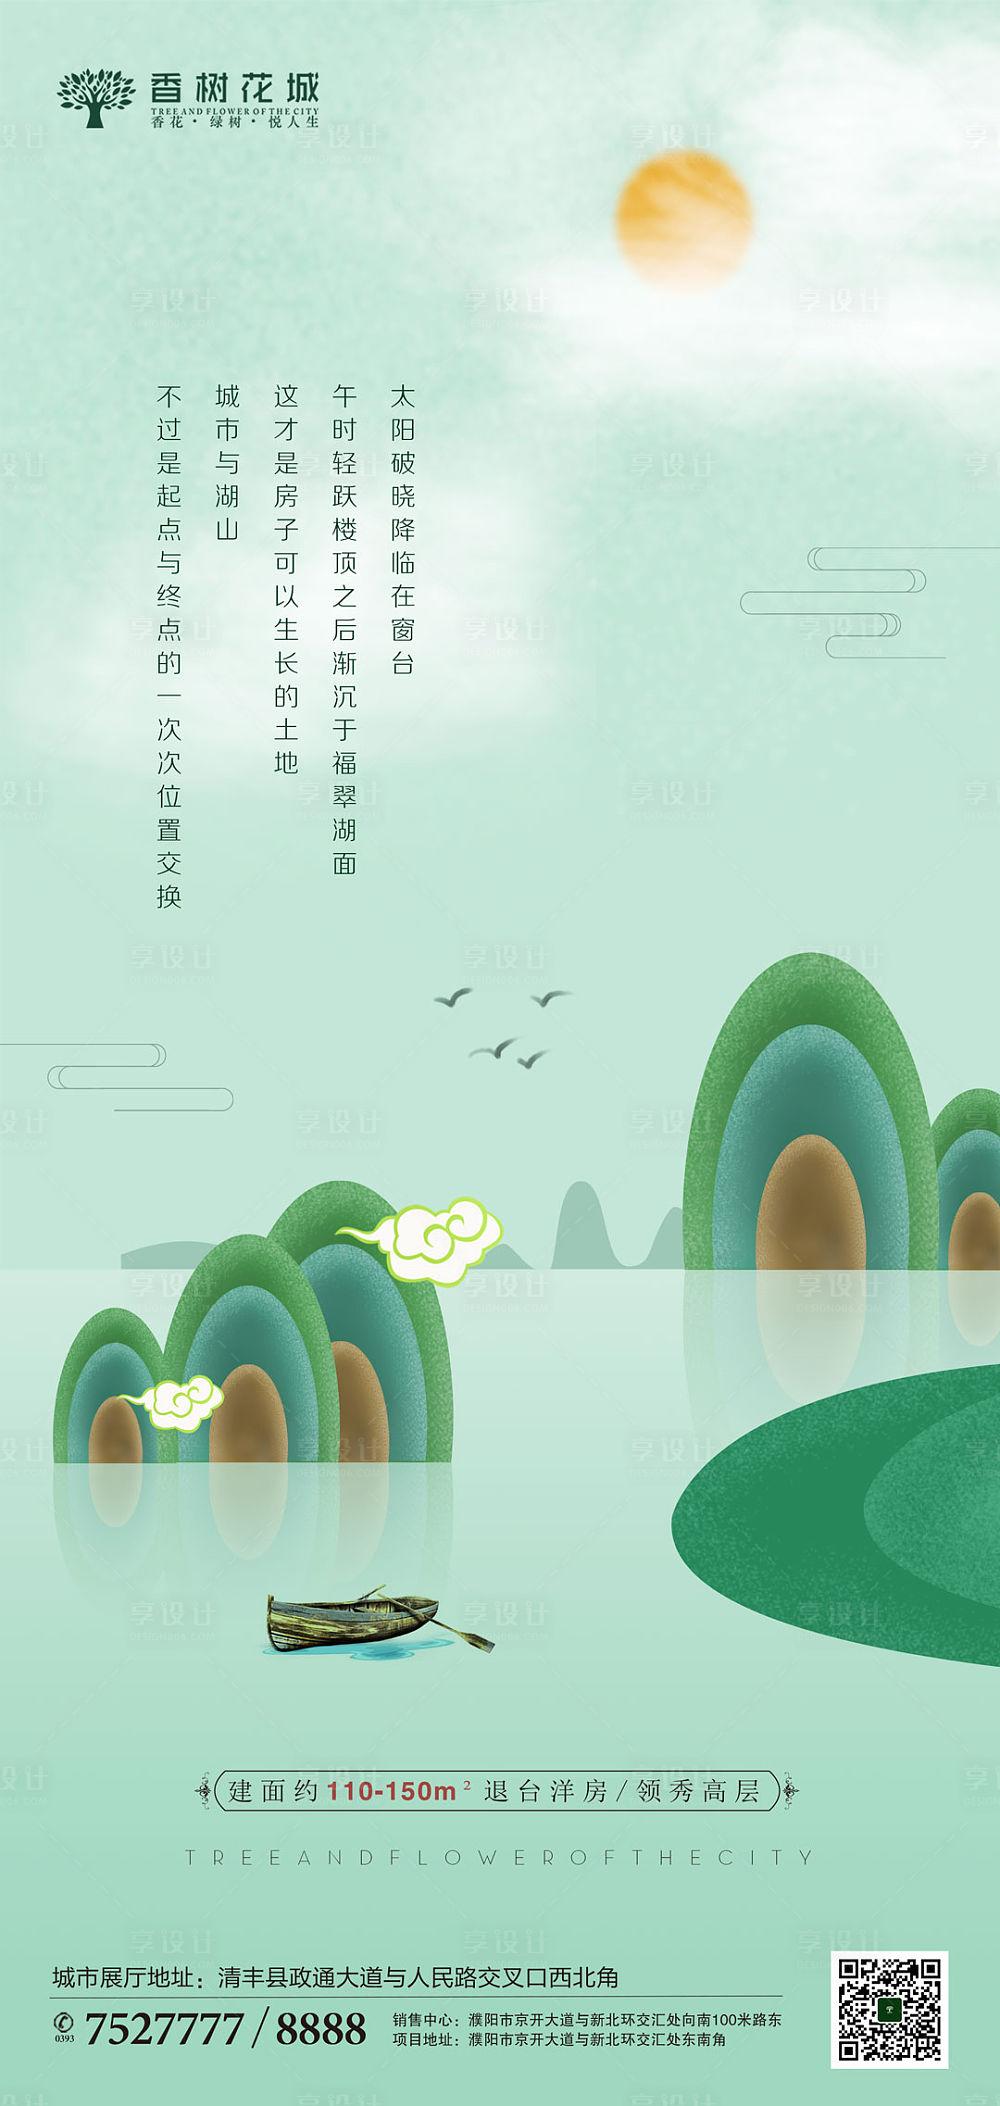 【源文件下载】 海报 房地产 意境 唯美 山水画 插画 中国风